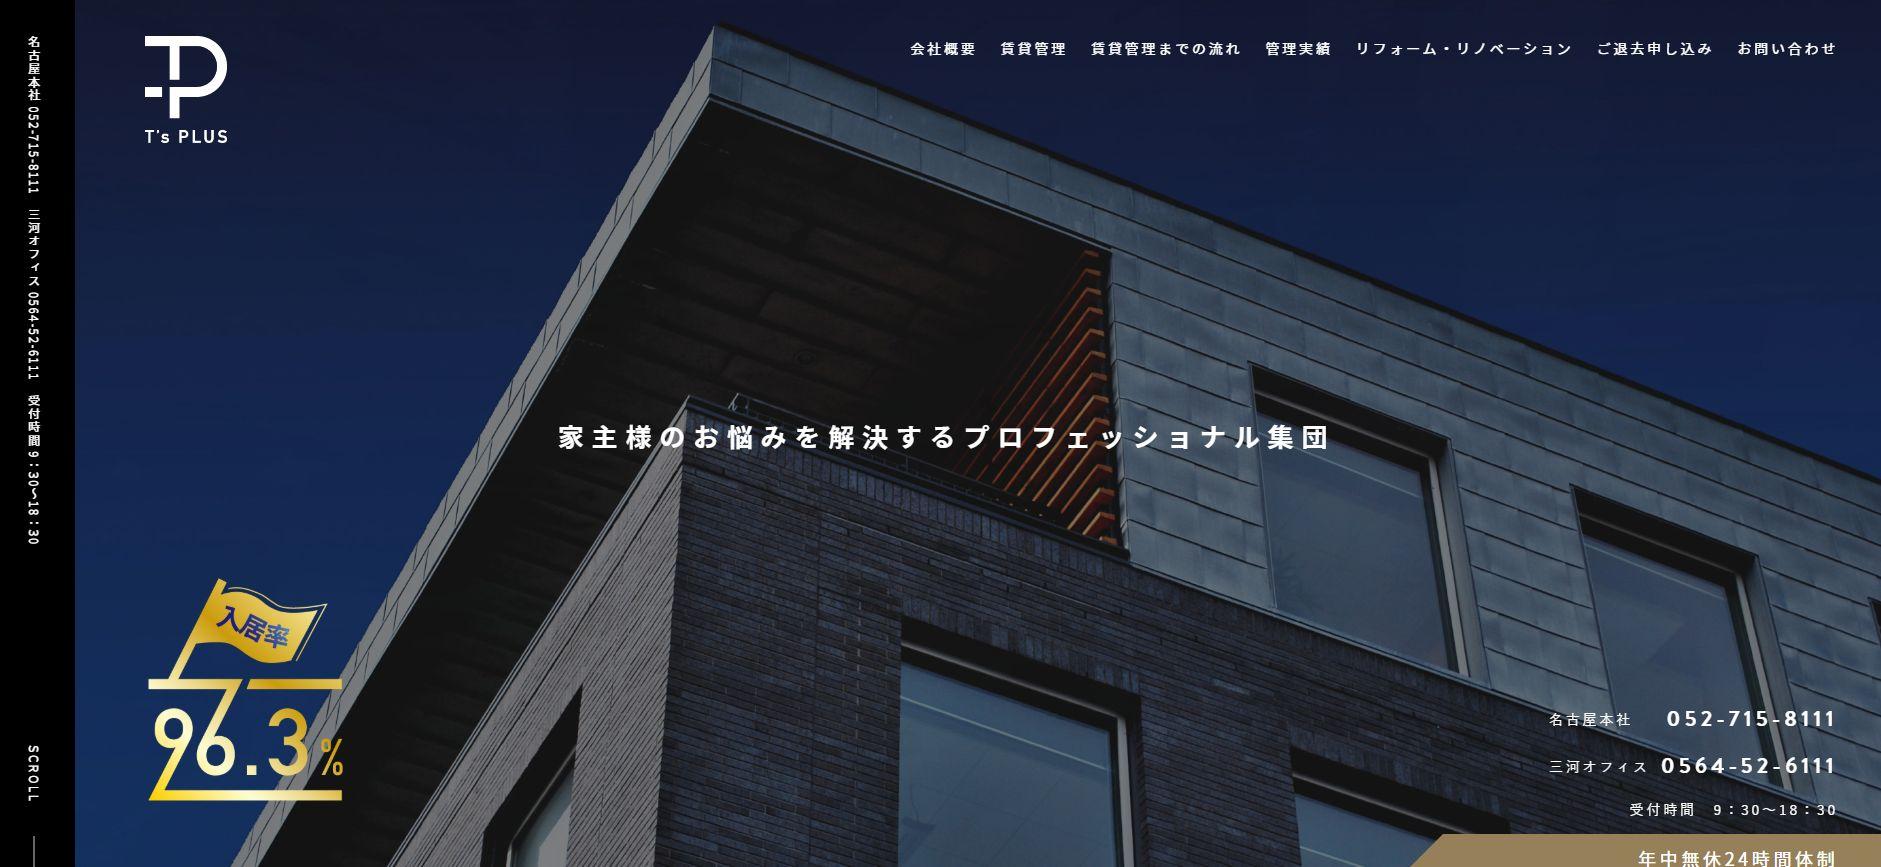 名古屋 アパート マンション 賃貸管理 株式会社T's plus 公式サイト/ブランドマネージャー キュレート制作